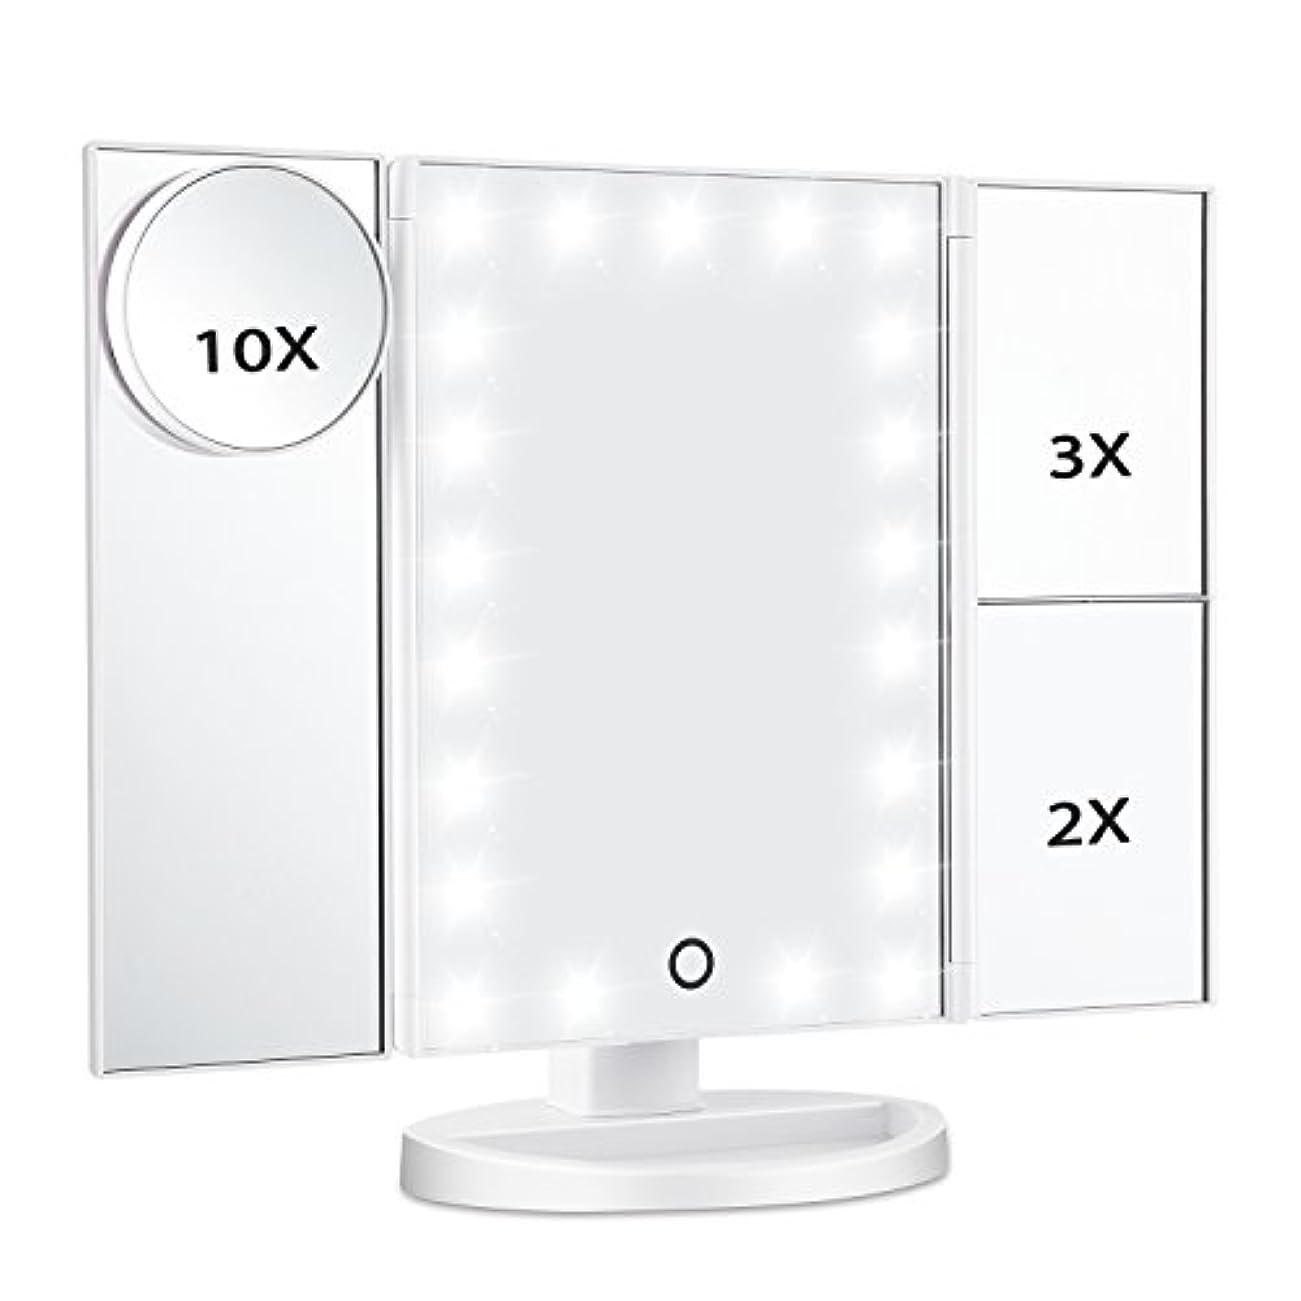 軽お別れMagicfly 化粧鏡 LED三面鏡 ミラー 折り畳み式 10X /3X/2X拡大鏡付き 明るさ調節可能180°回転 電池/USB 2WAY給電(ホワイト)